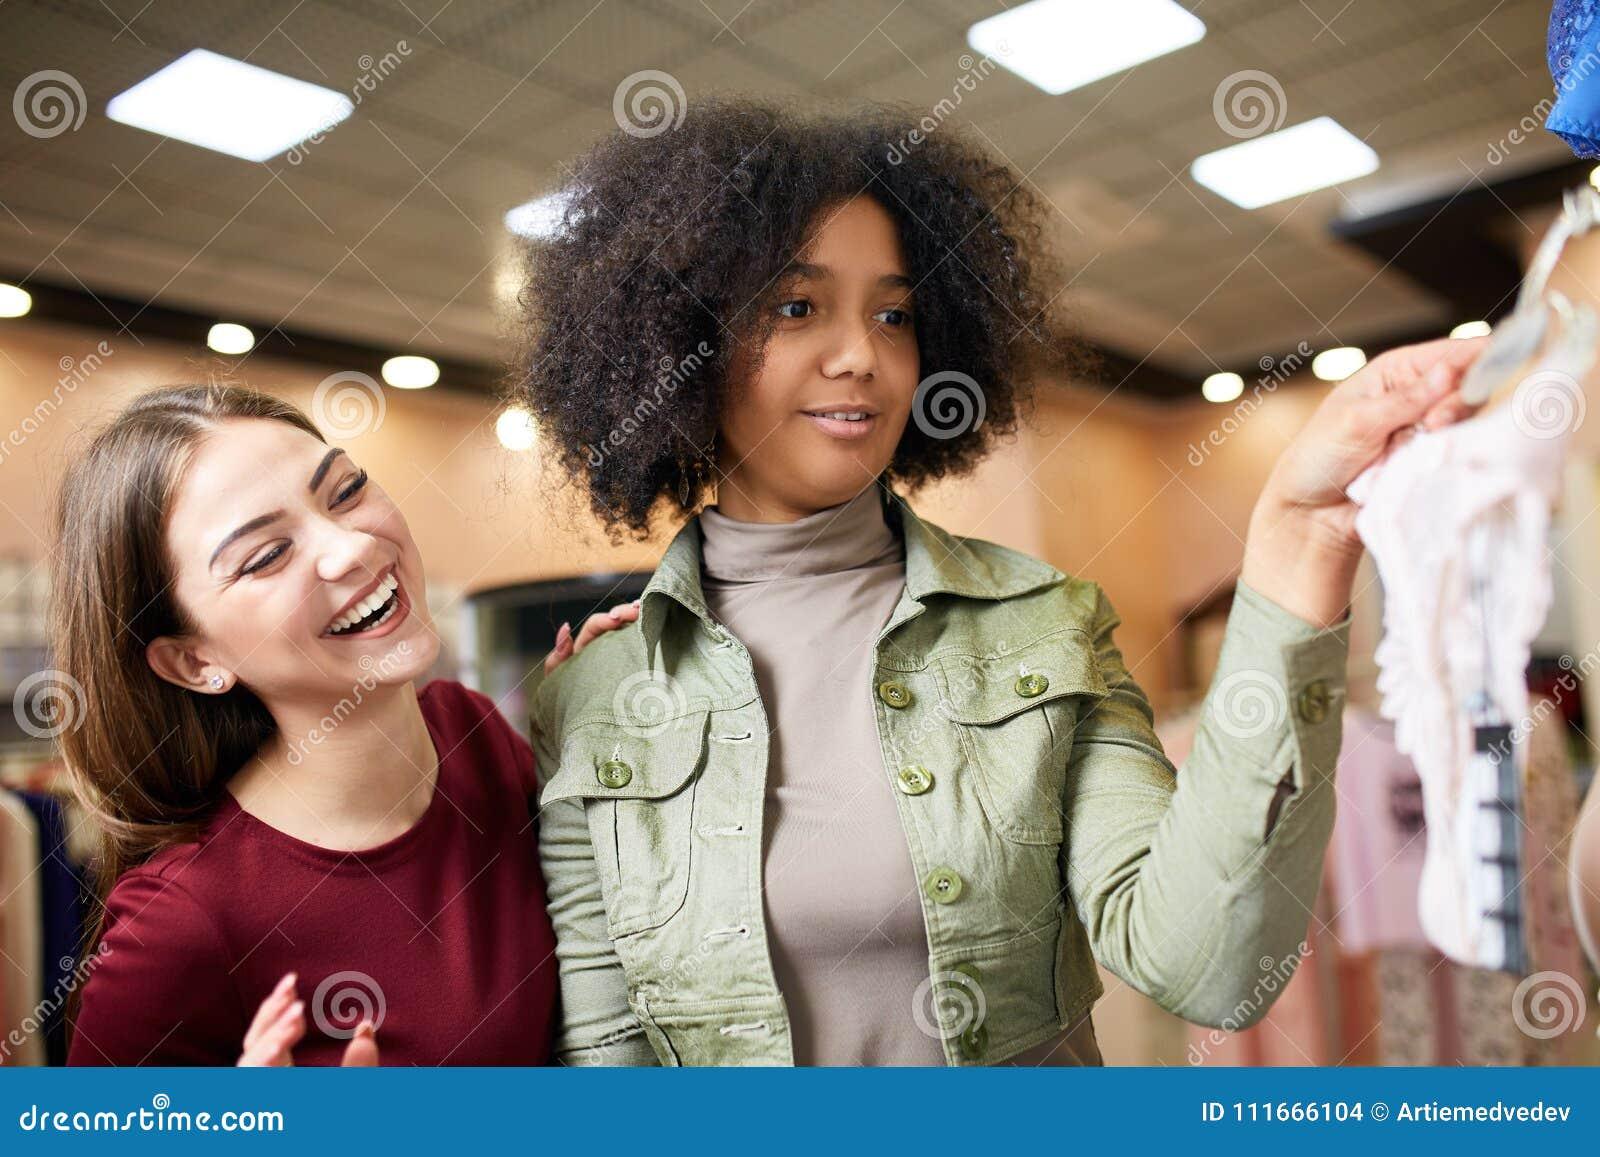 Видео трахают молодые женщины с покупками